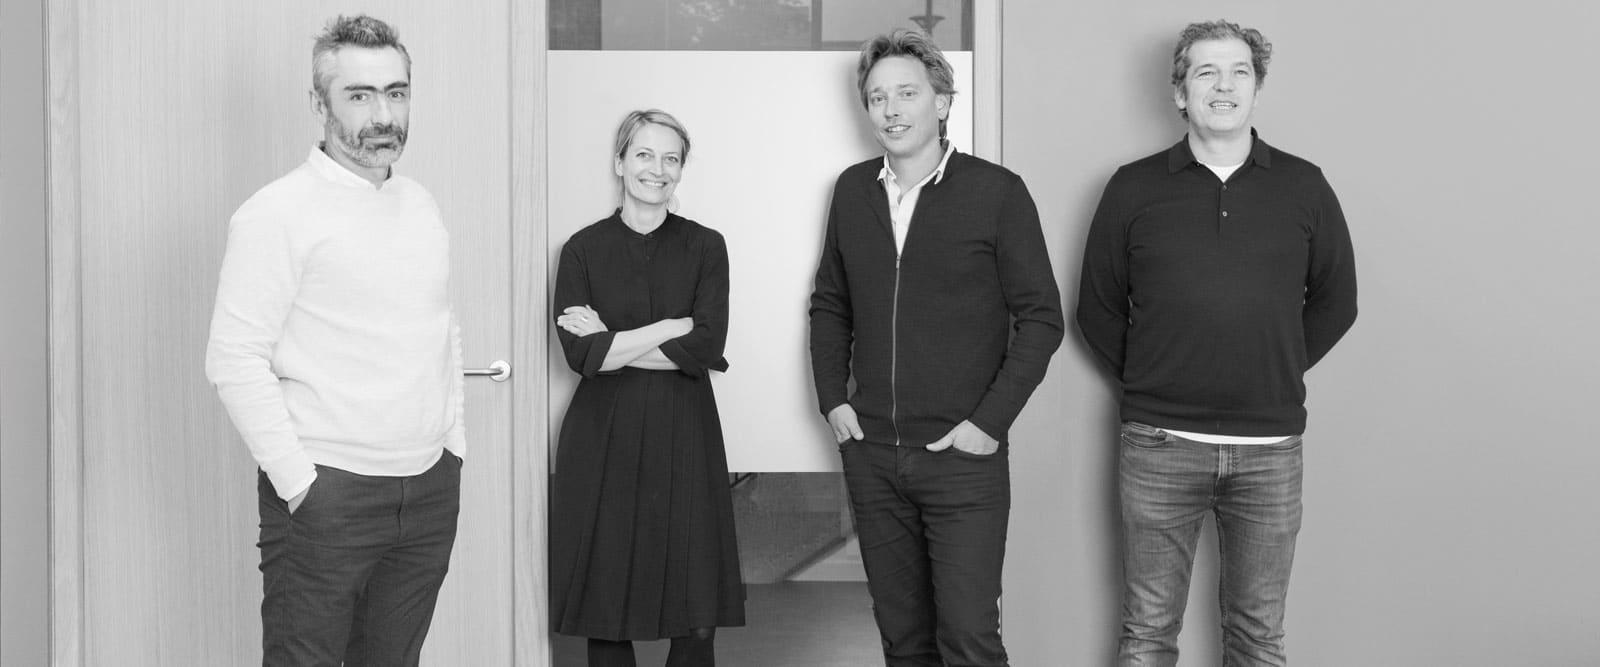 AER-Architectes-Agence-10